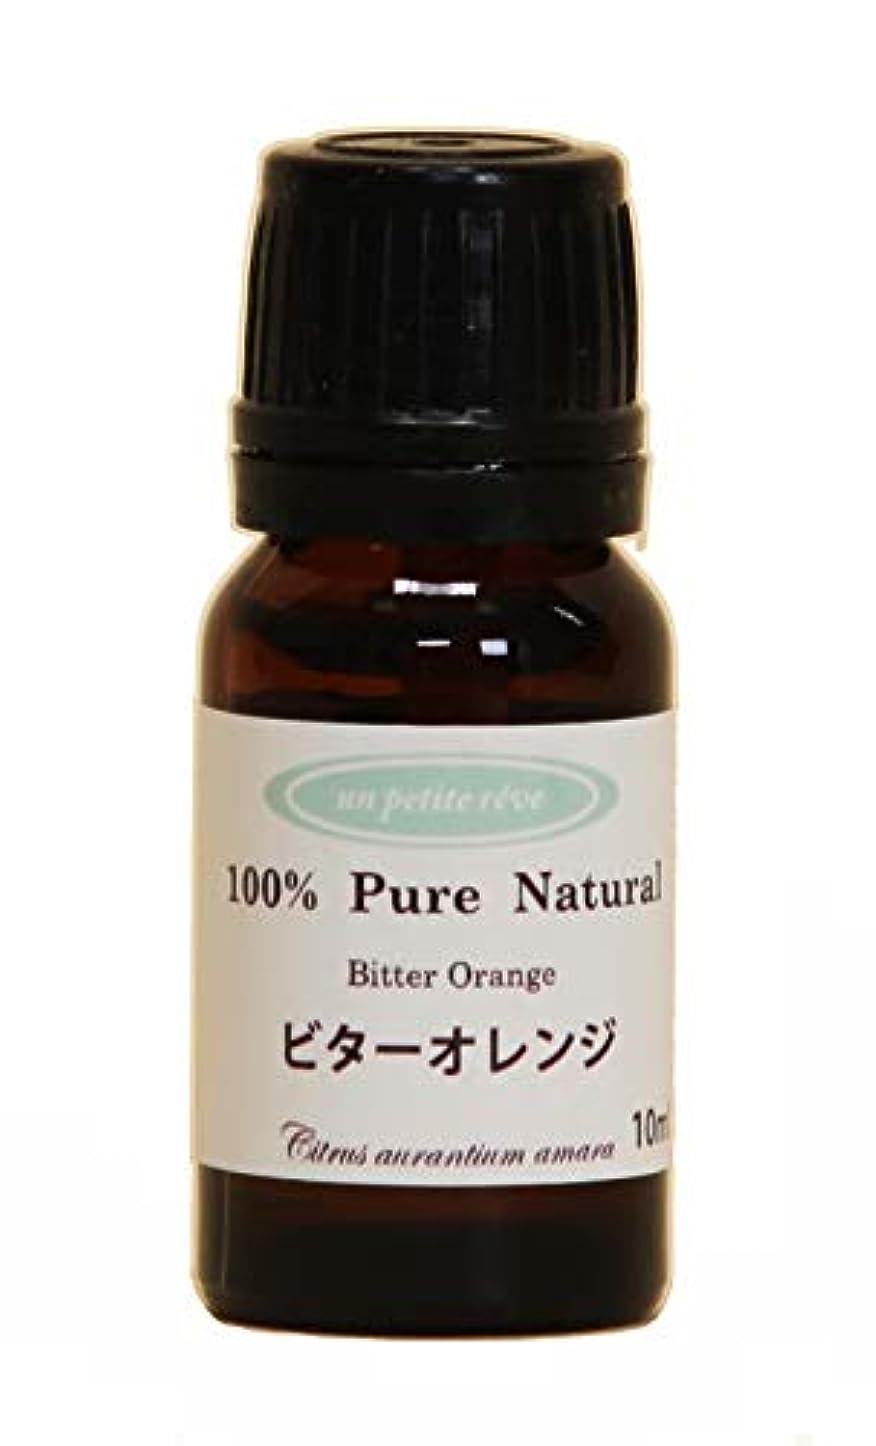 ルーキー十分恥ずかしさビターオレンジ  10ml 100%天然アロマエッセンシャルオイル(精油)